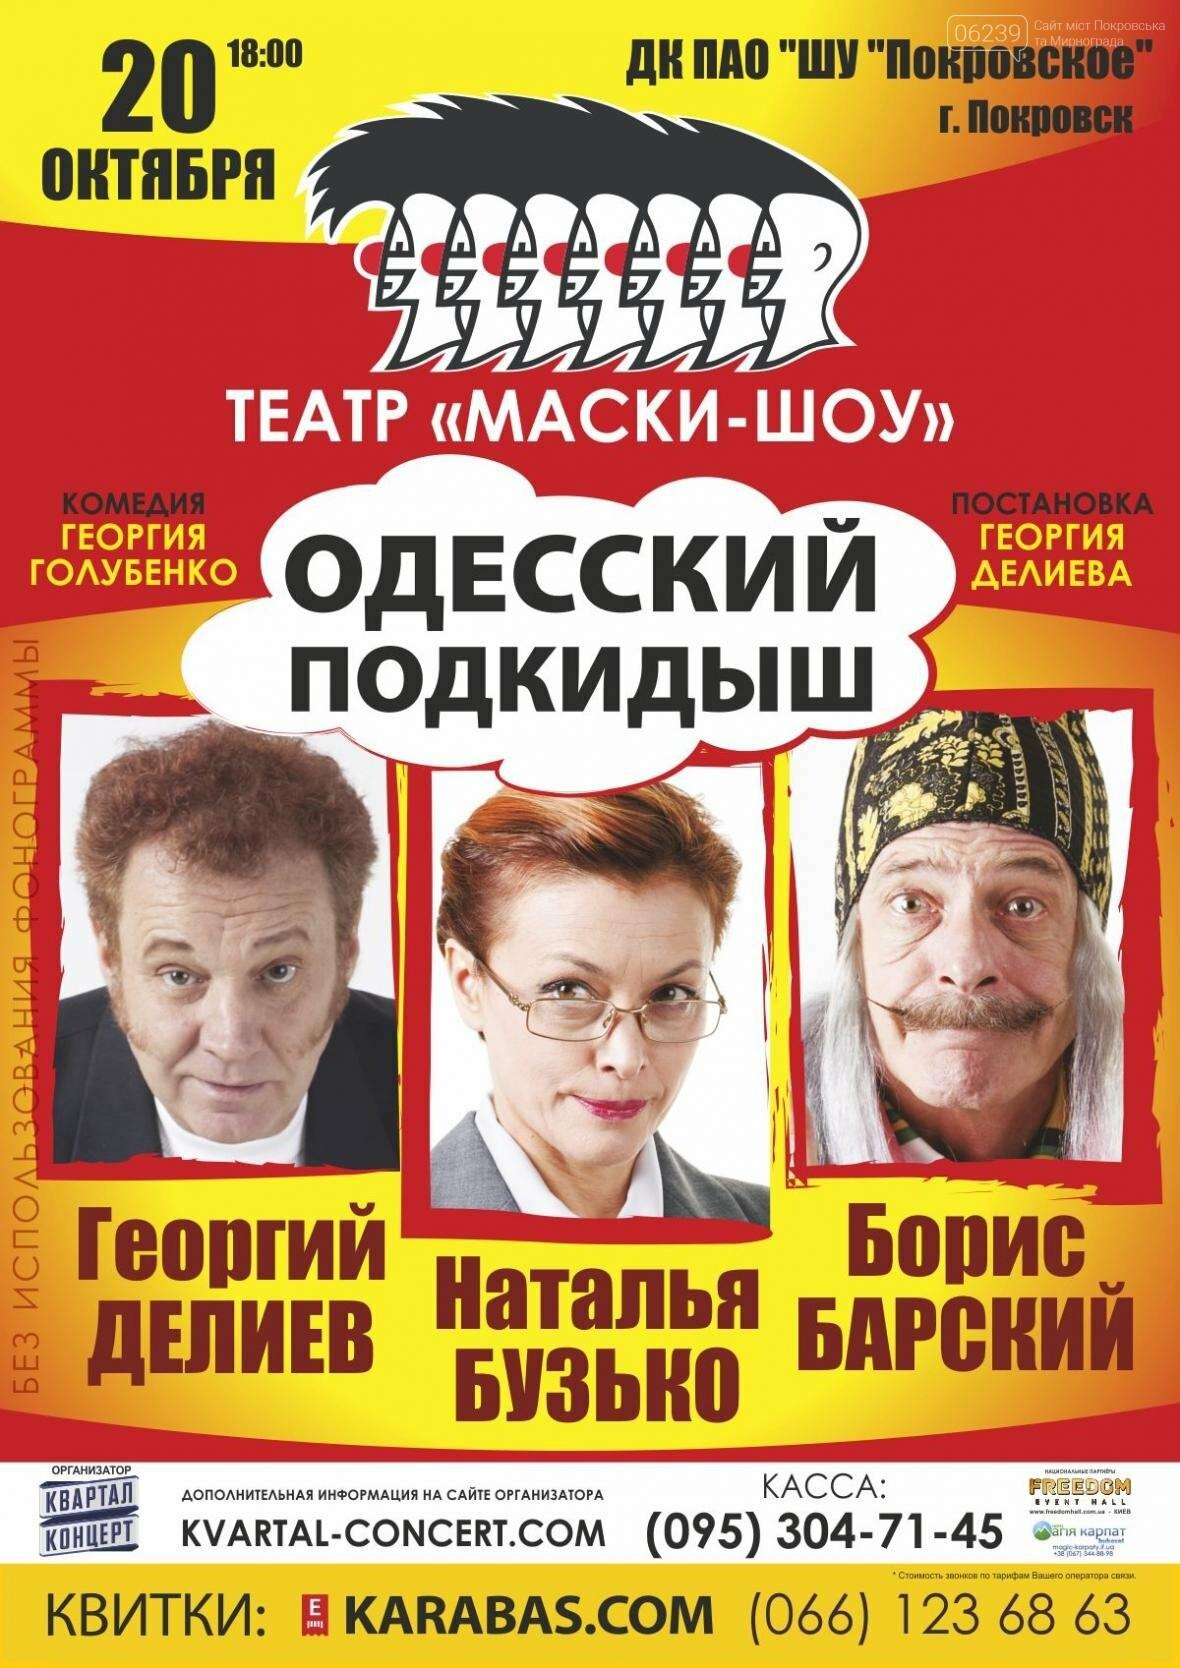 Какие развлекательные проекты состоятся в Покровске этой осенью?, фото-7